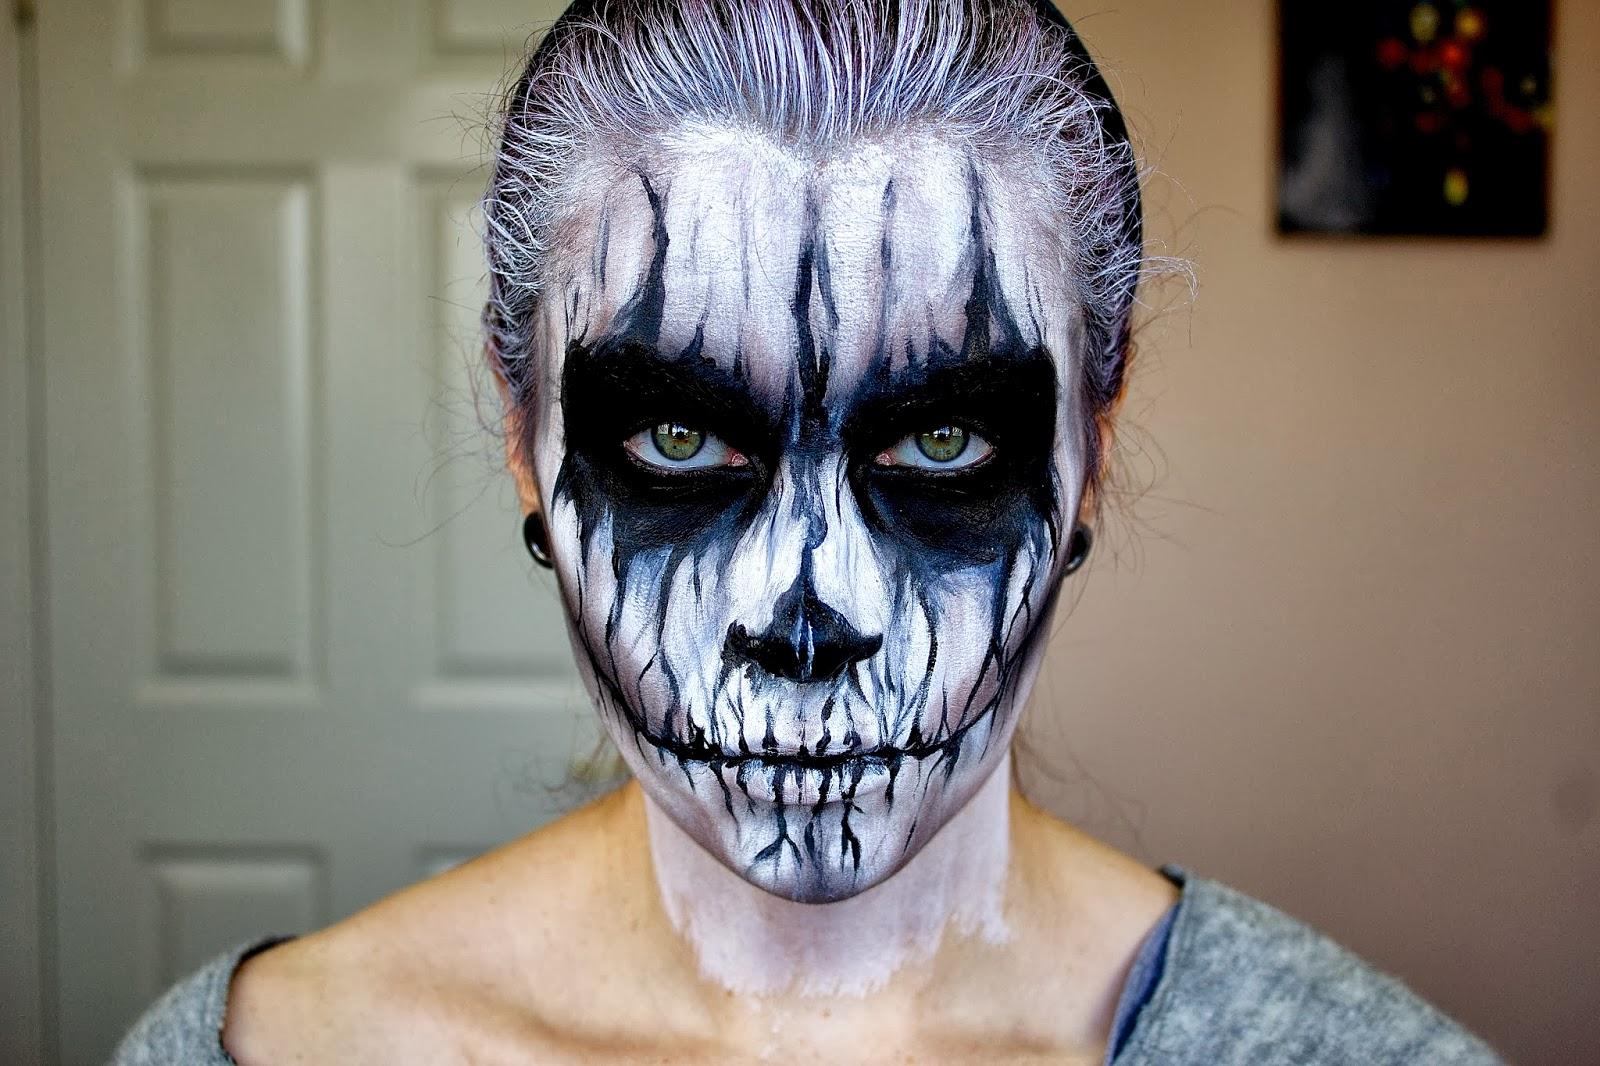 letzmakeup blog: evil demon; halloween makeup tutorial.